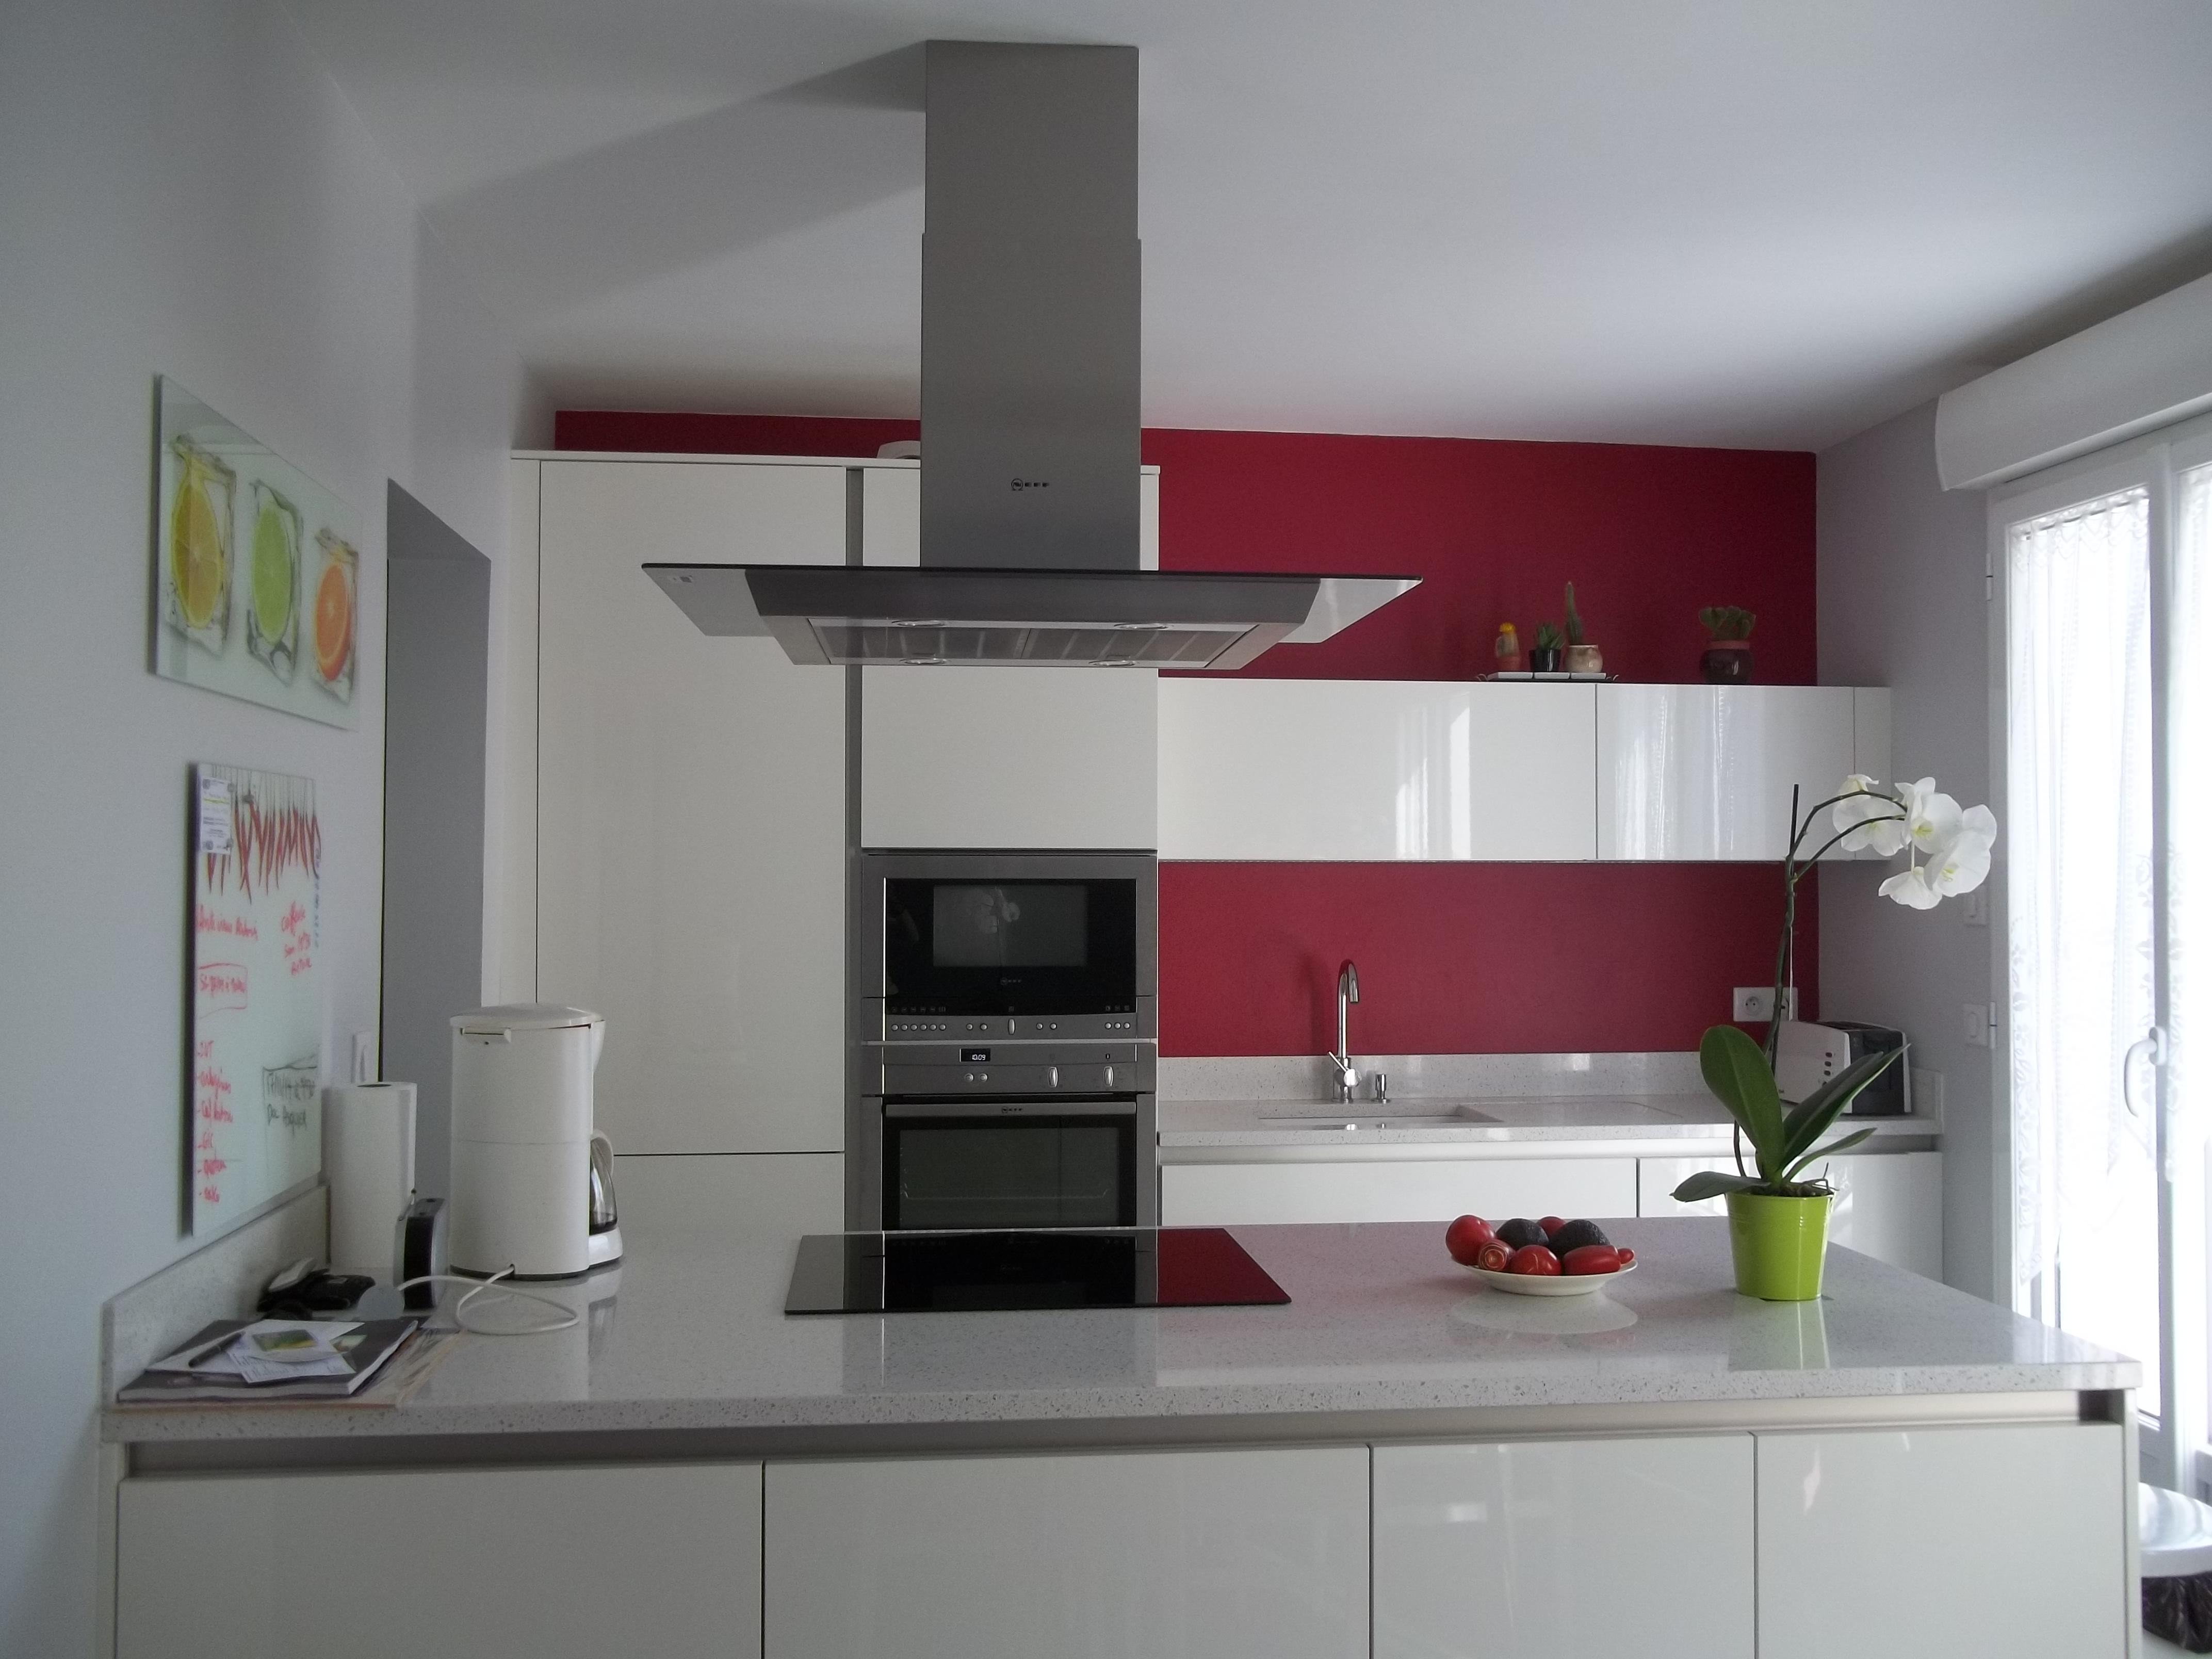 Meuble de cuisine blanc quelle couleur pour les murs mobilier design d coration d 39 int rieur for Quel couleur pour une cuisine